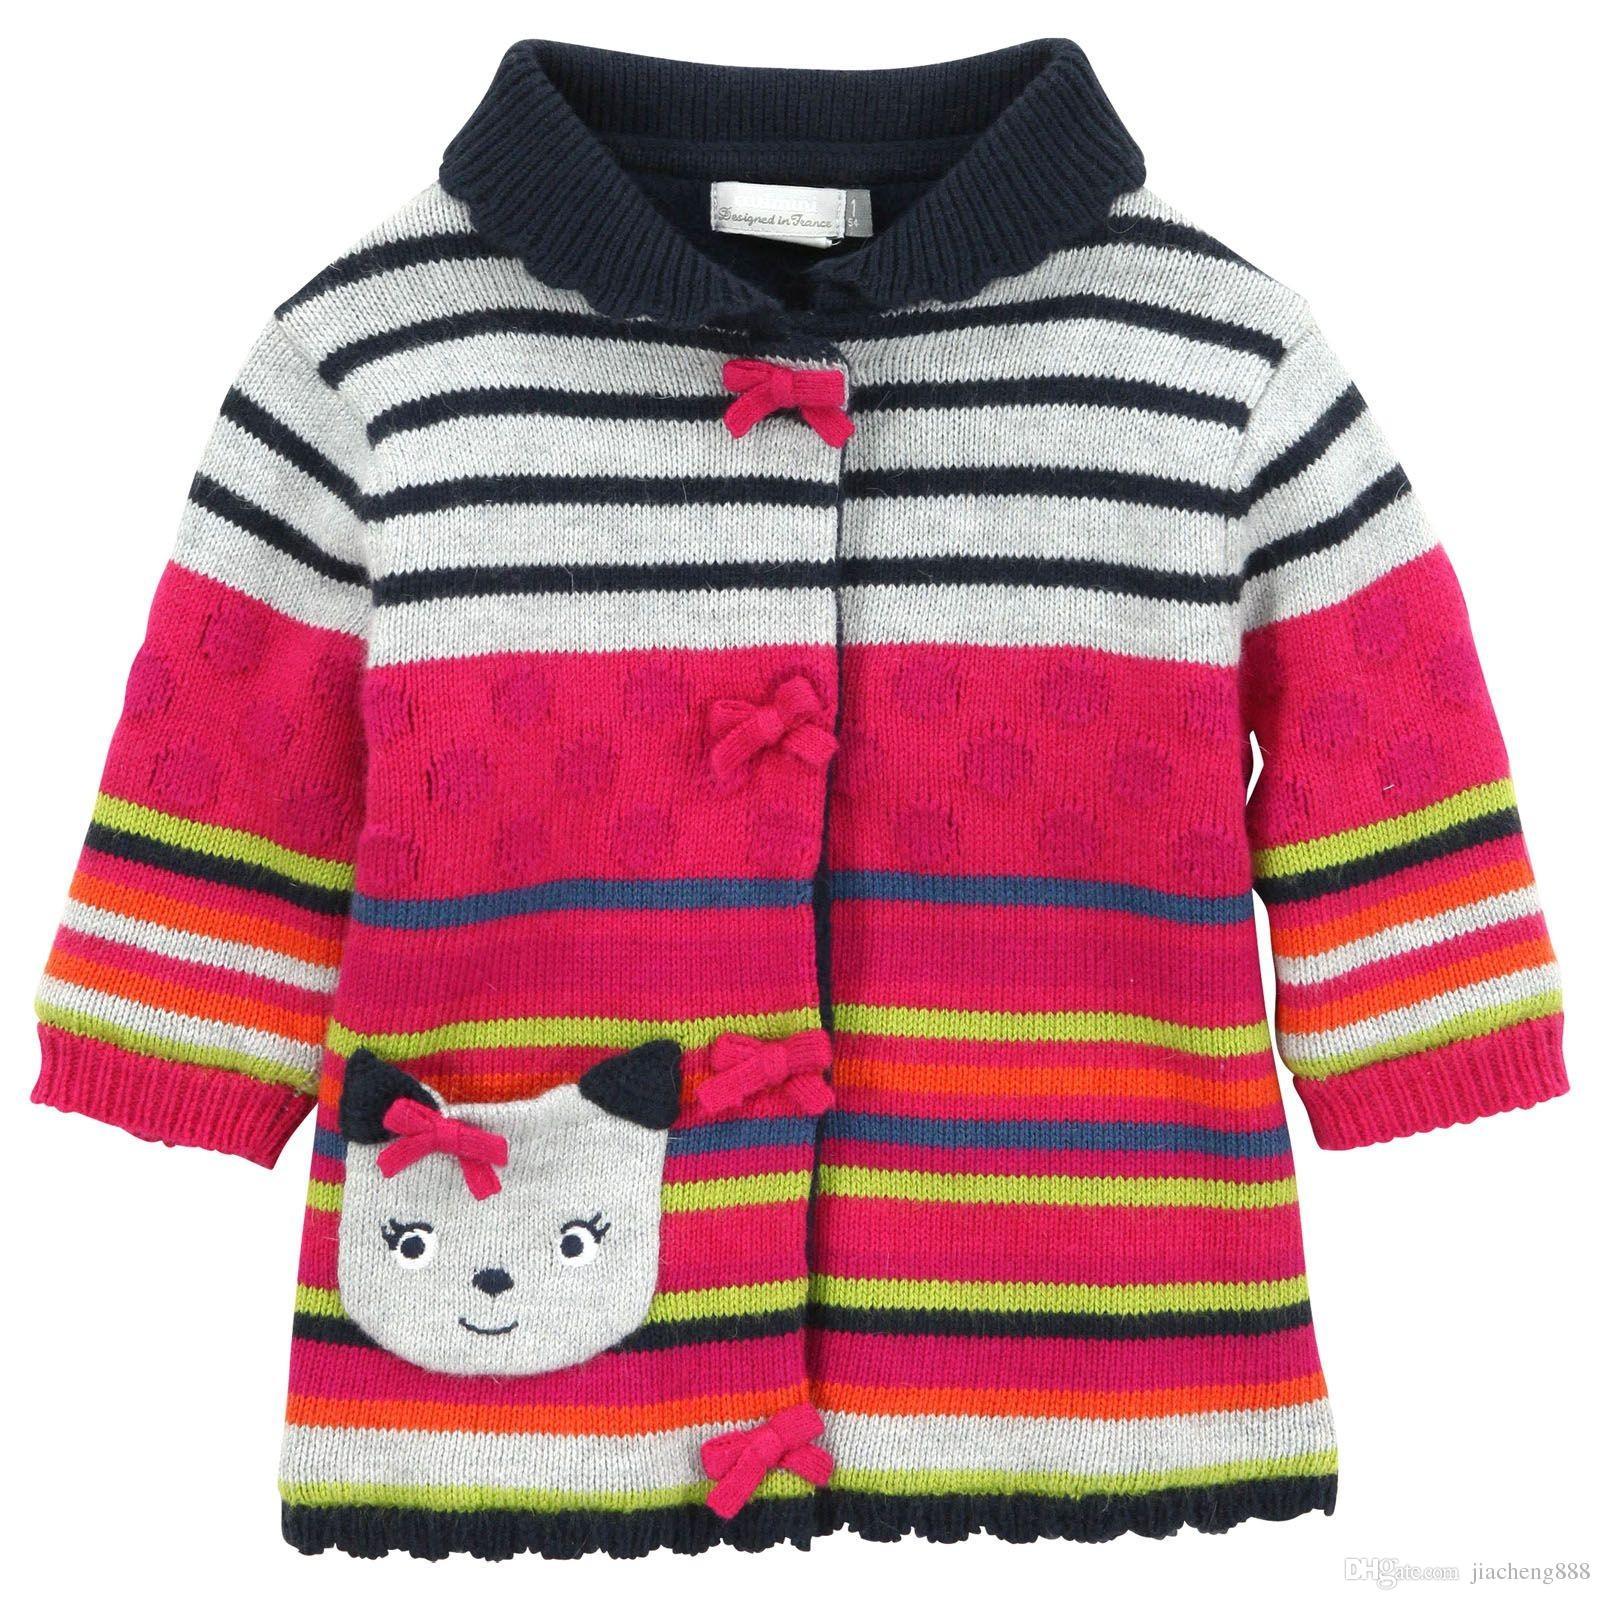 Yeni Çocuk Kız Kış Karikatür kedi kazak ceket çocuklar şerit kalınlaşma polar Kazak toptan